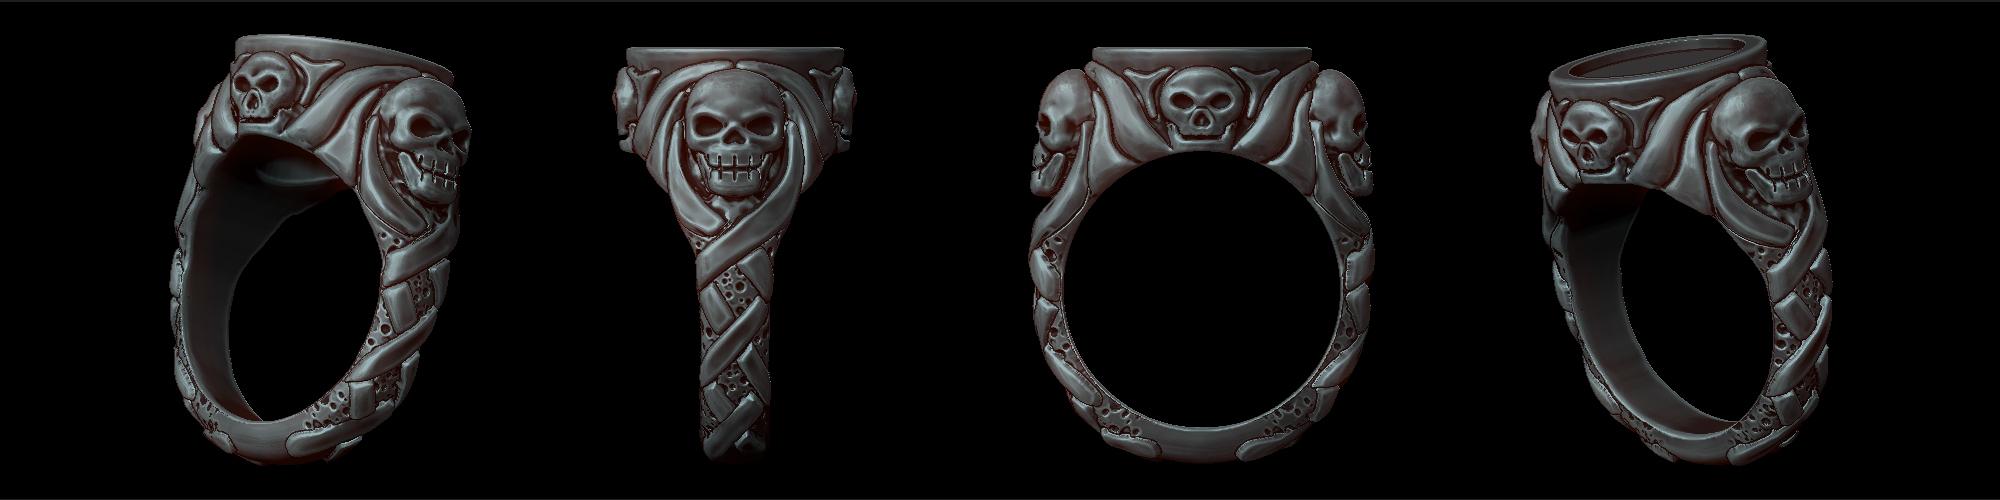 Jack Sparrow Skull